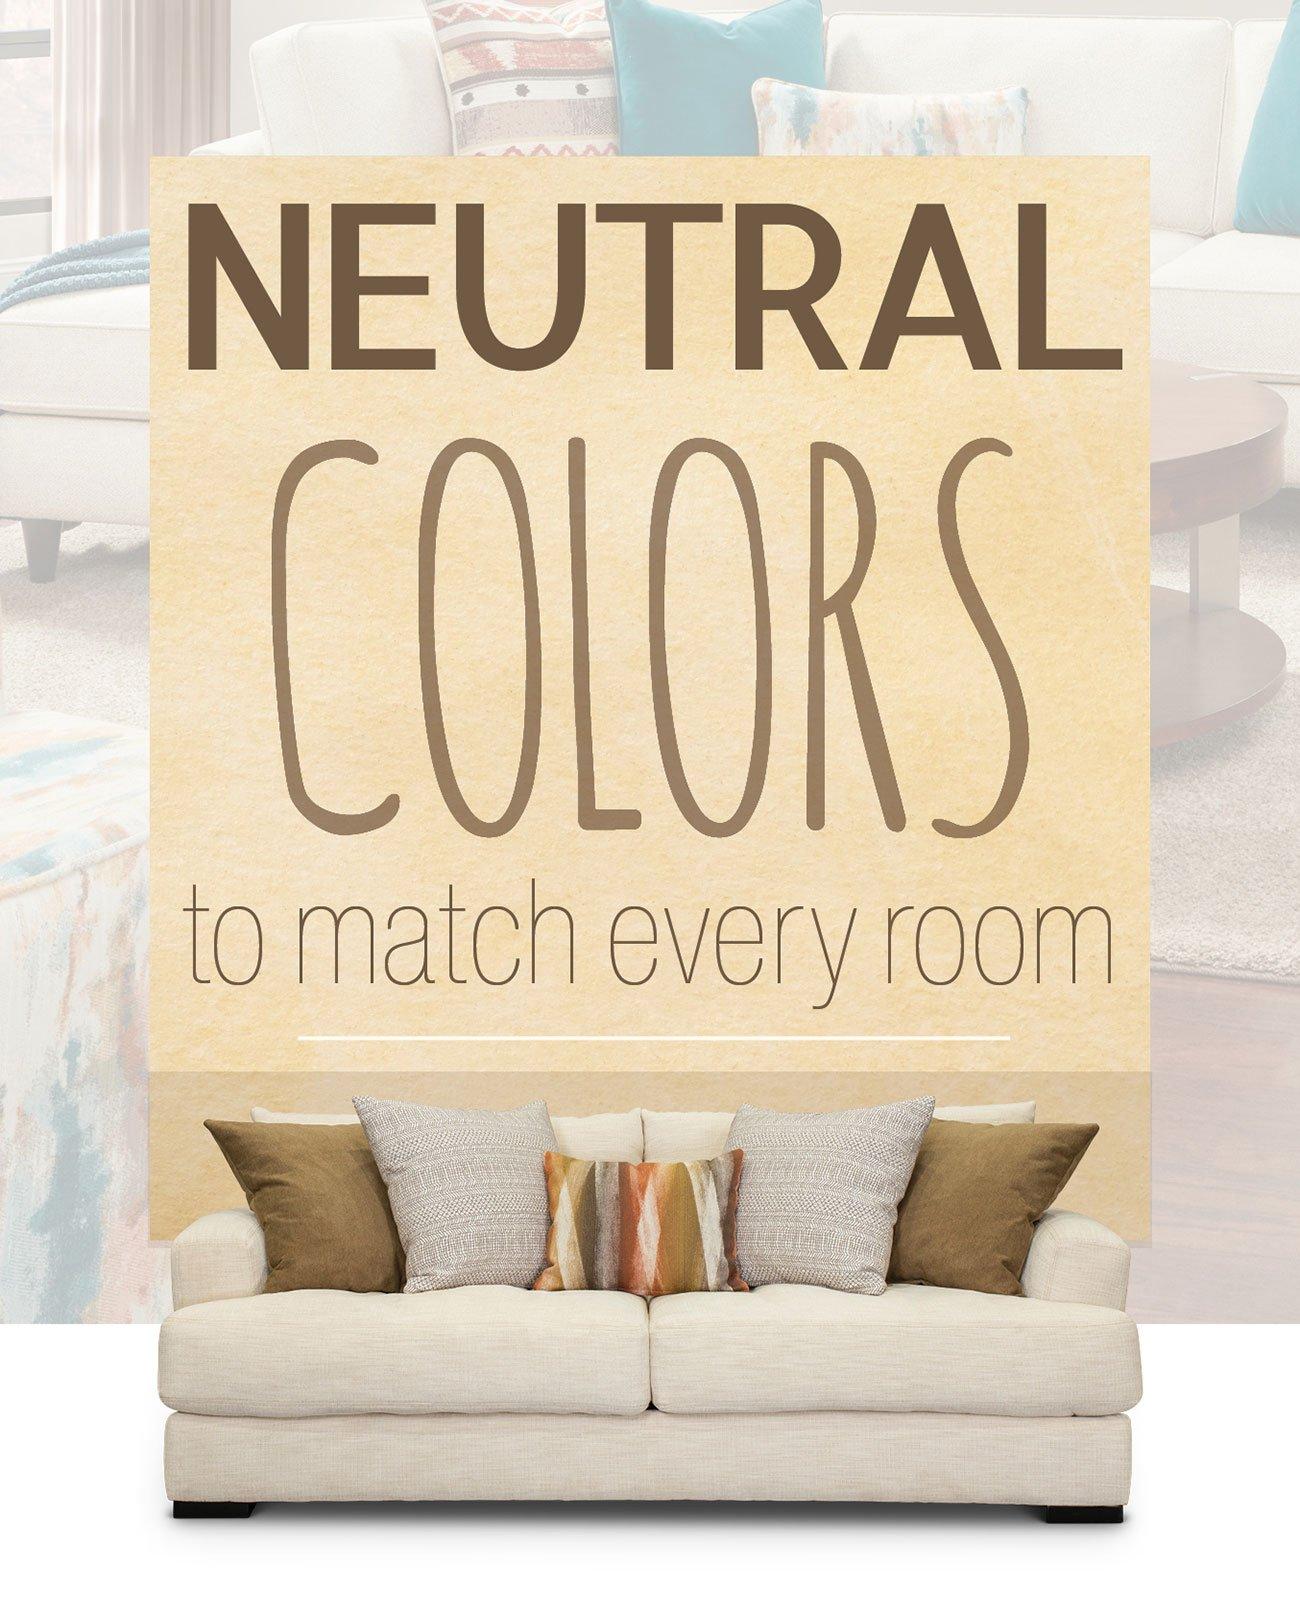 Neutral-colors